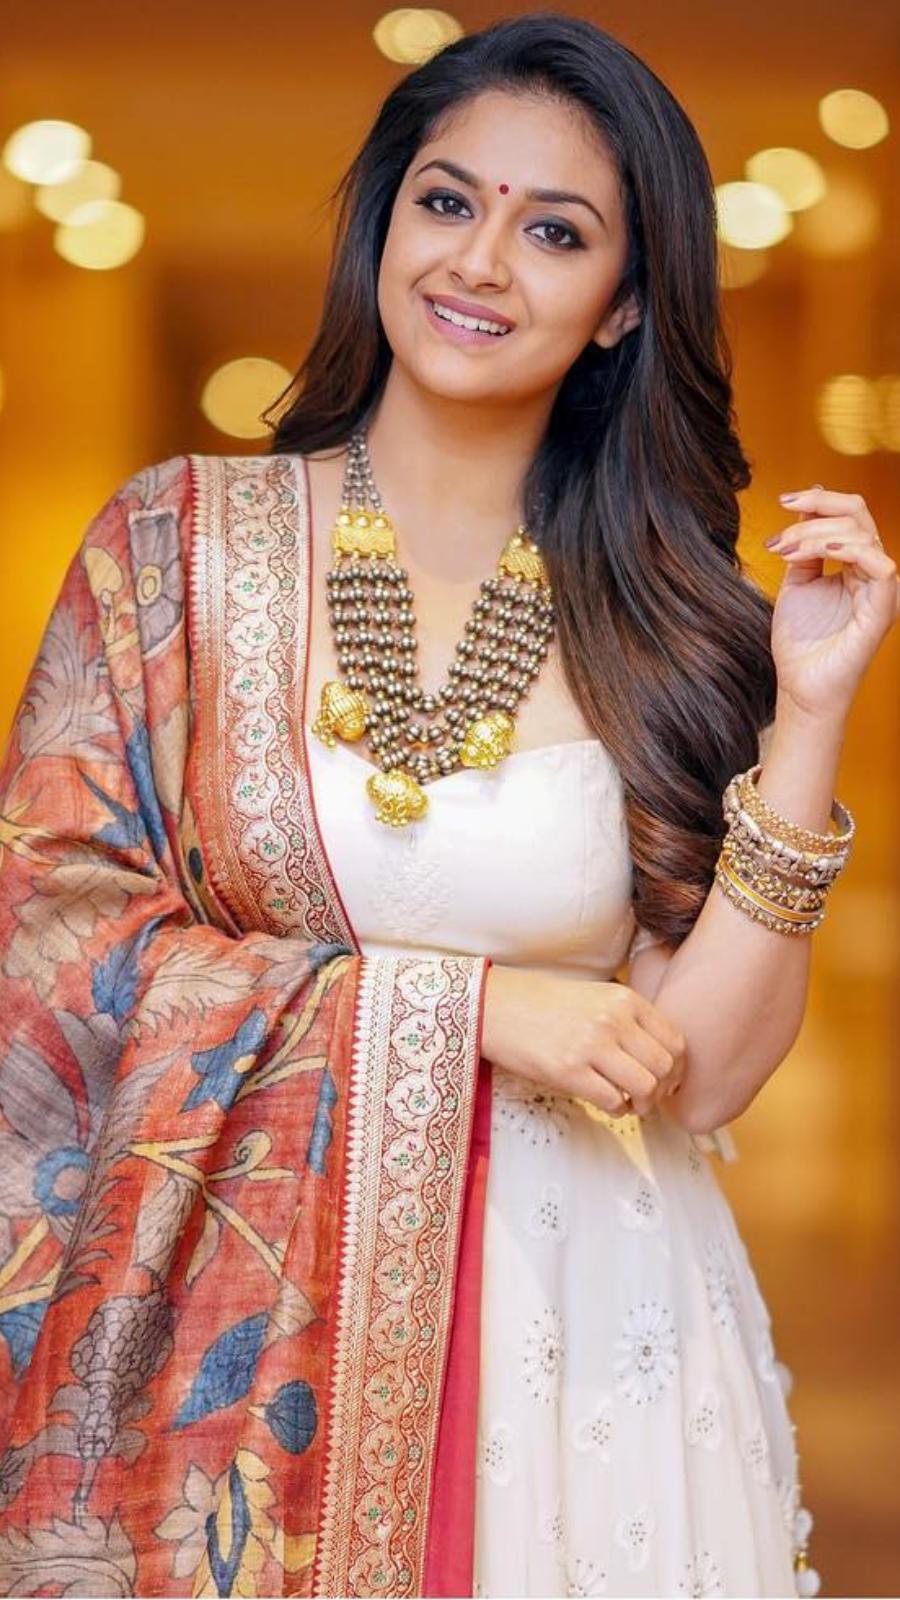 Best ethnic looks of Keerthy Suresh